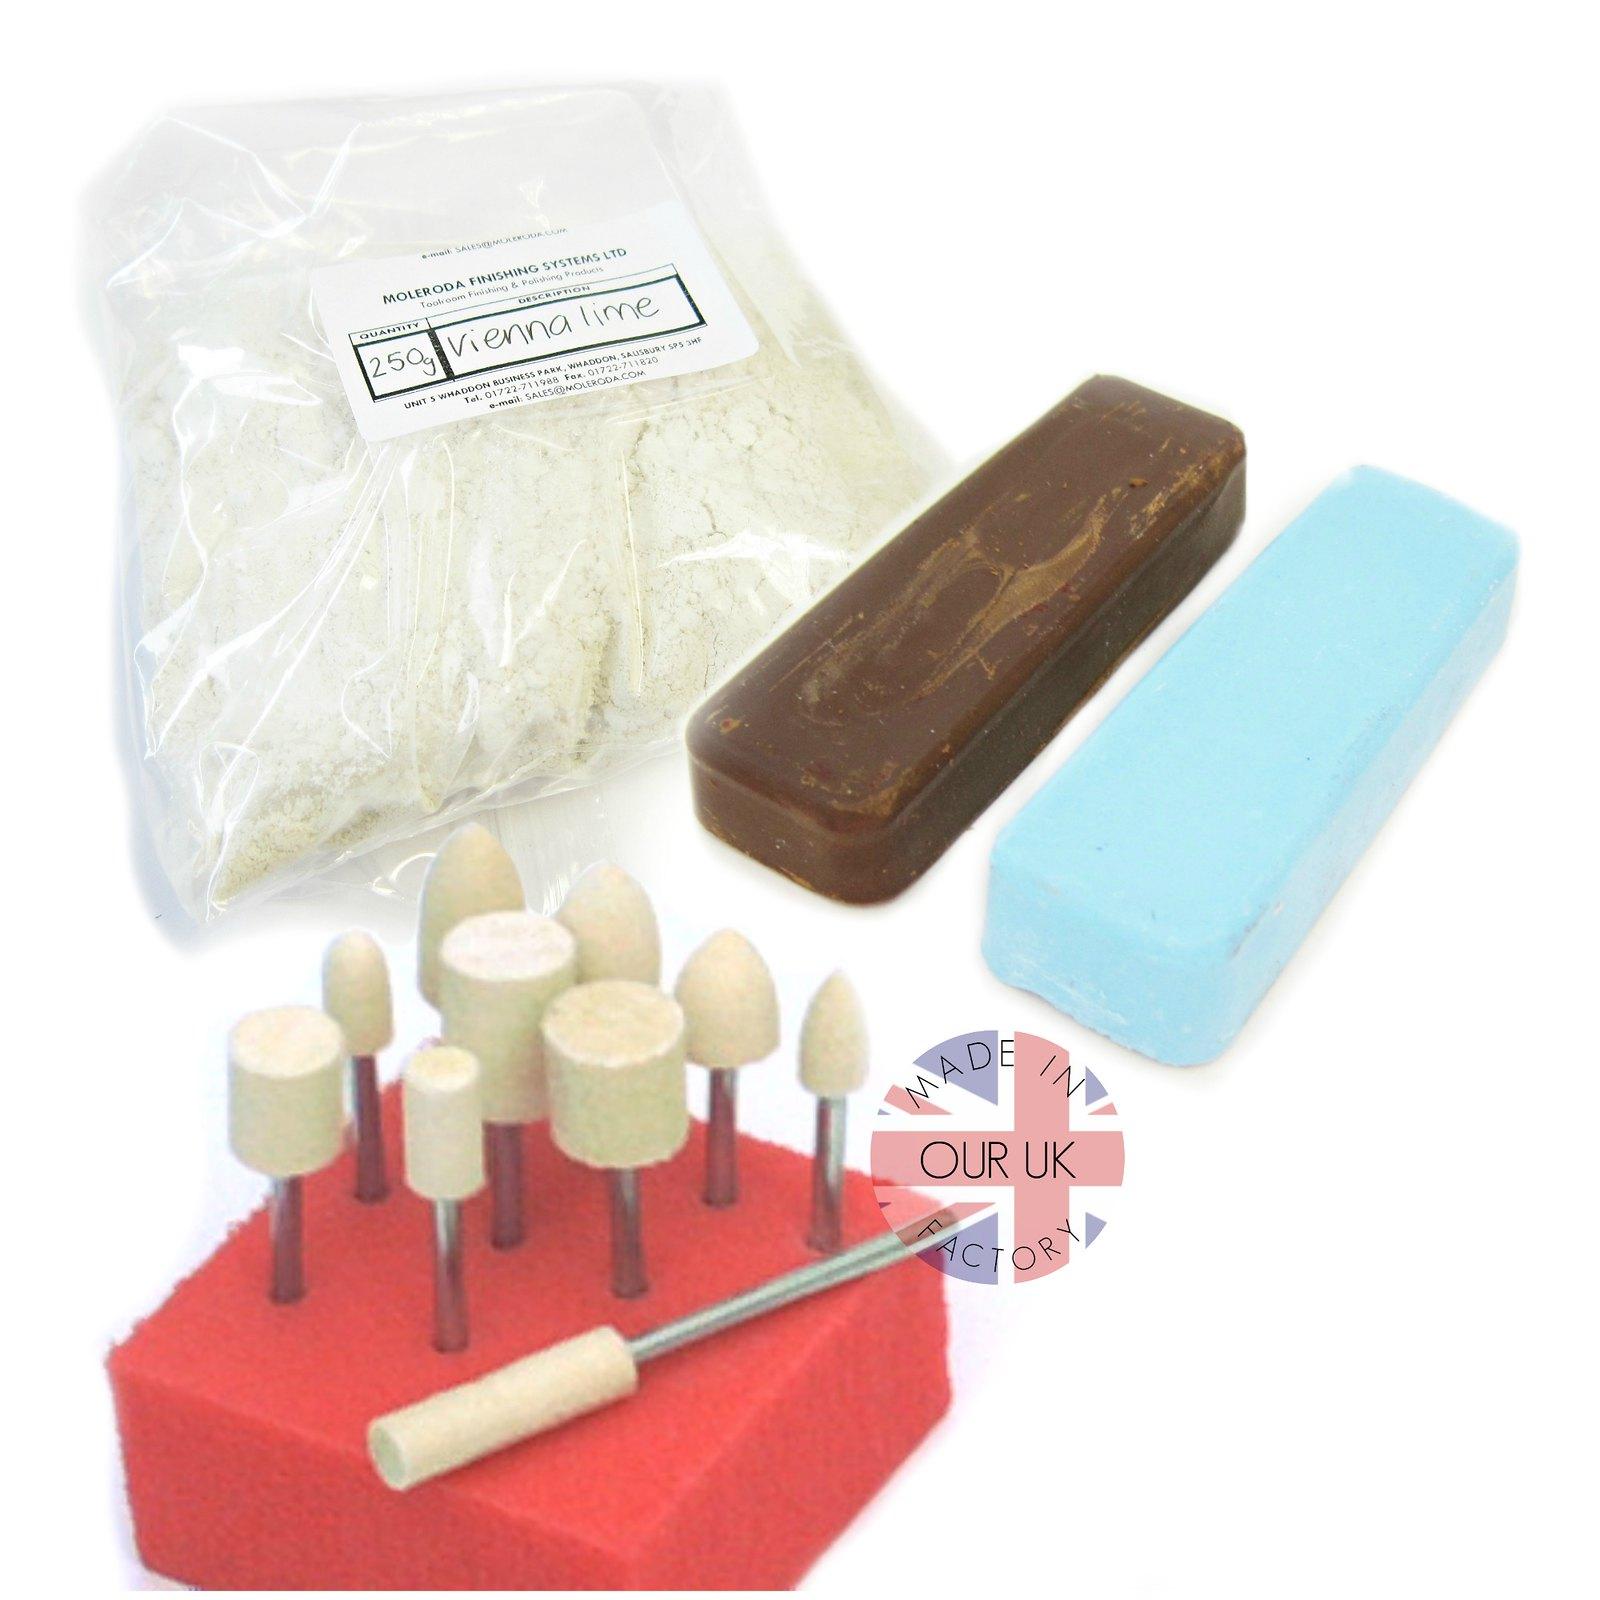 dremel style kit de polissage 1 pour polir d taill aluminium laiton cuivre ebay. Black Bedroom Furniture Sets. Home Design Ideas